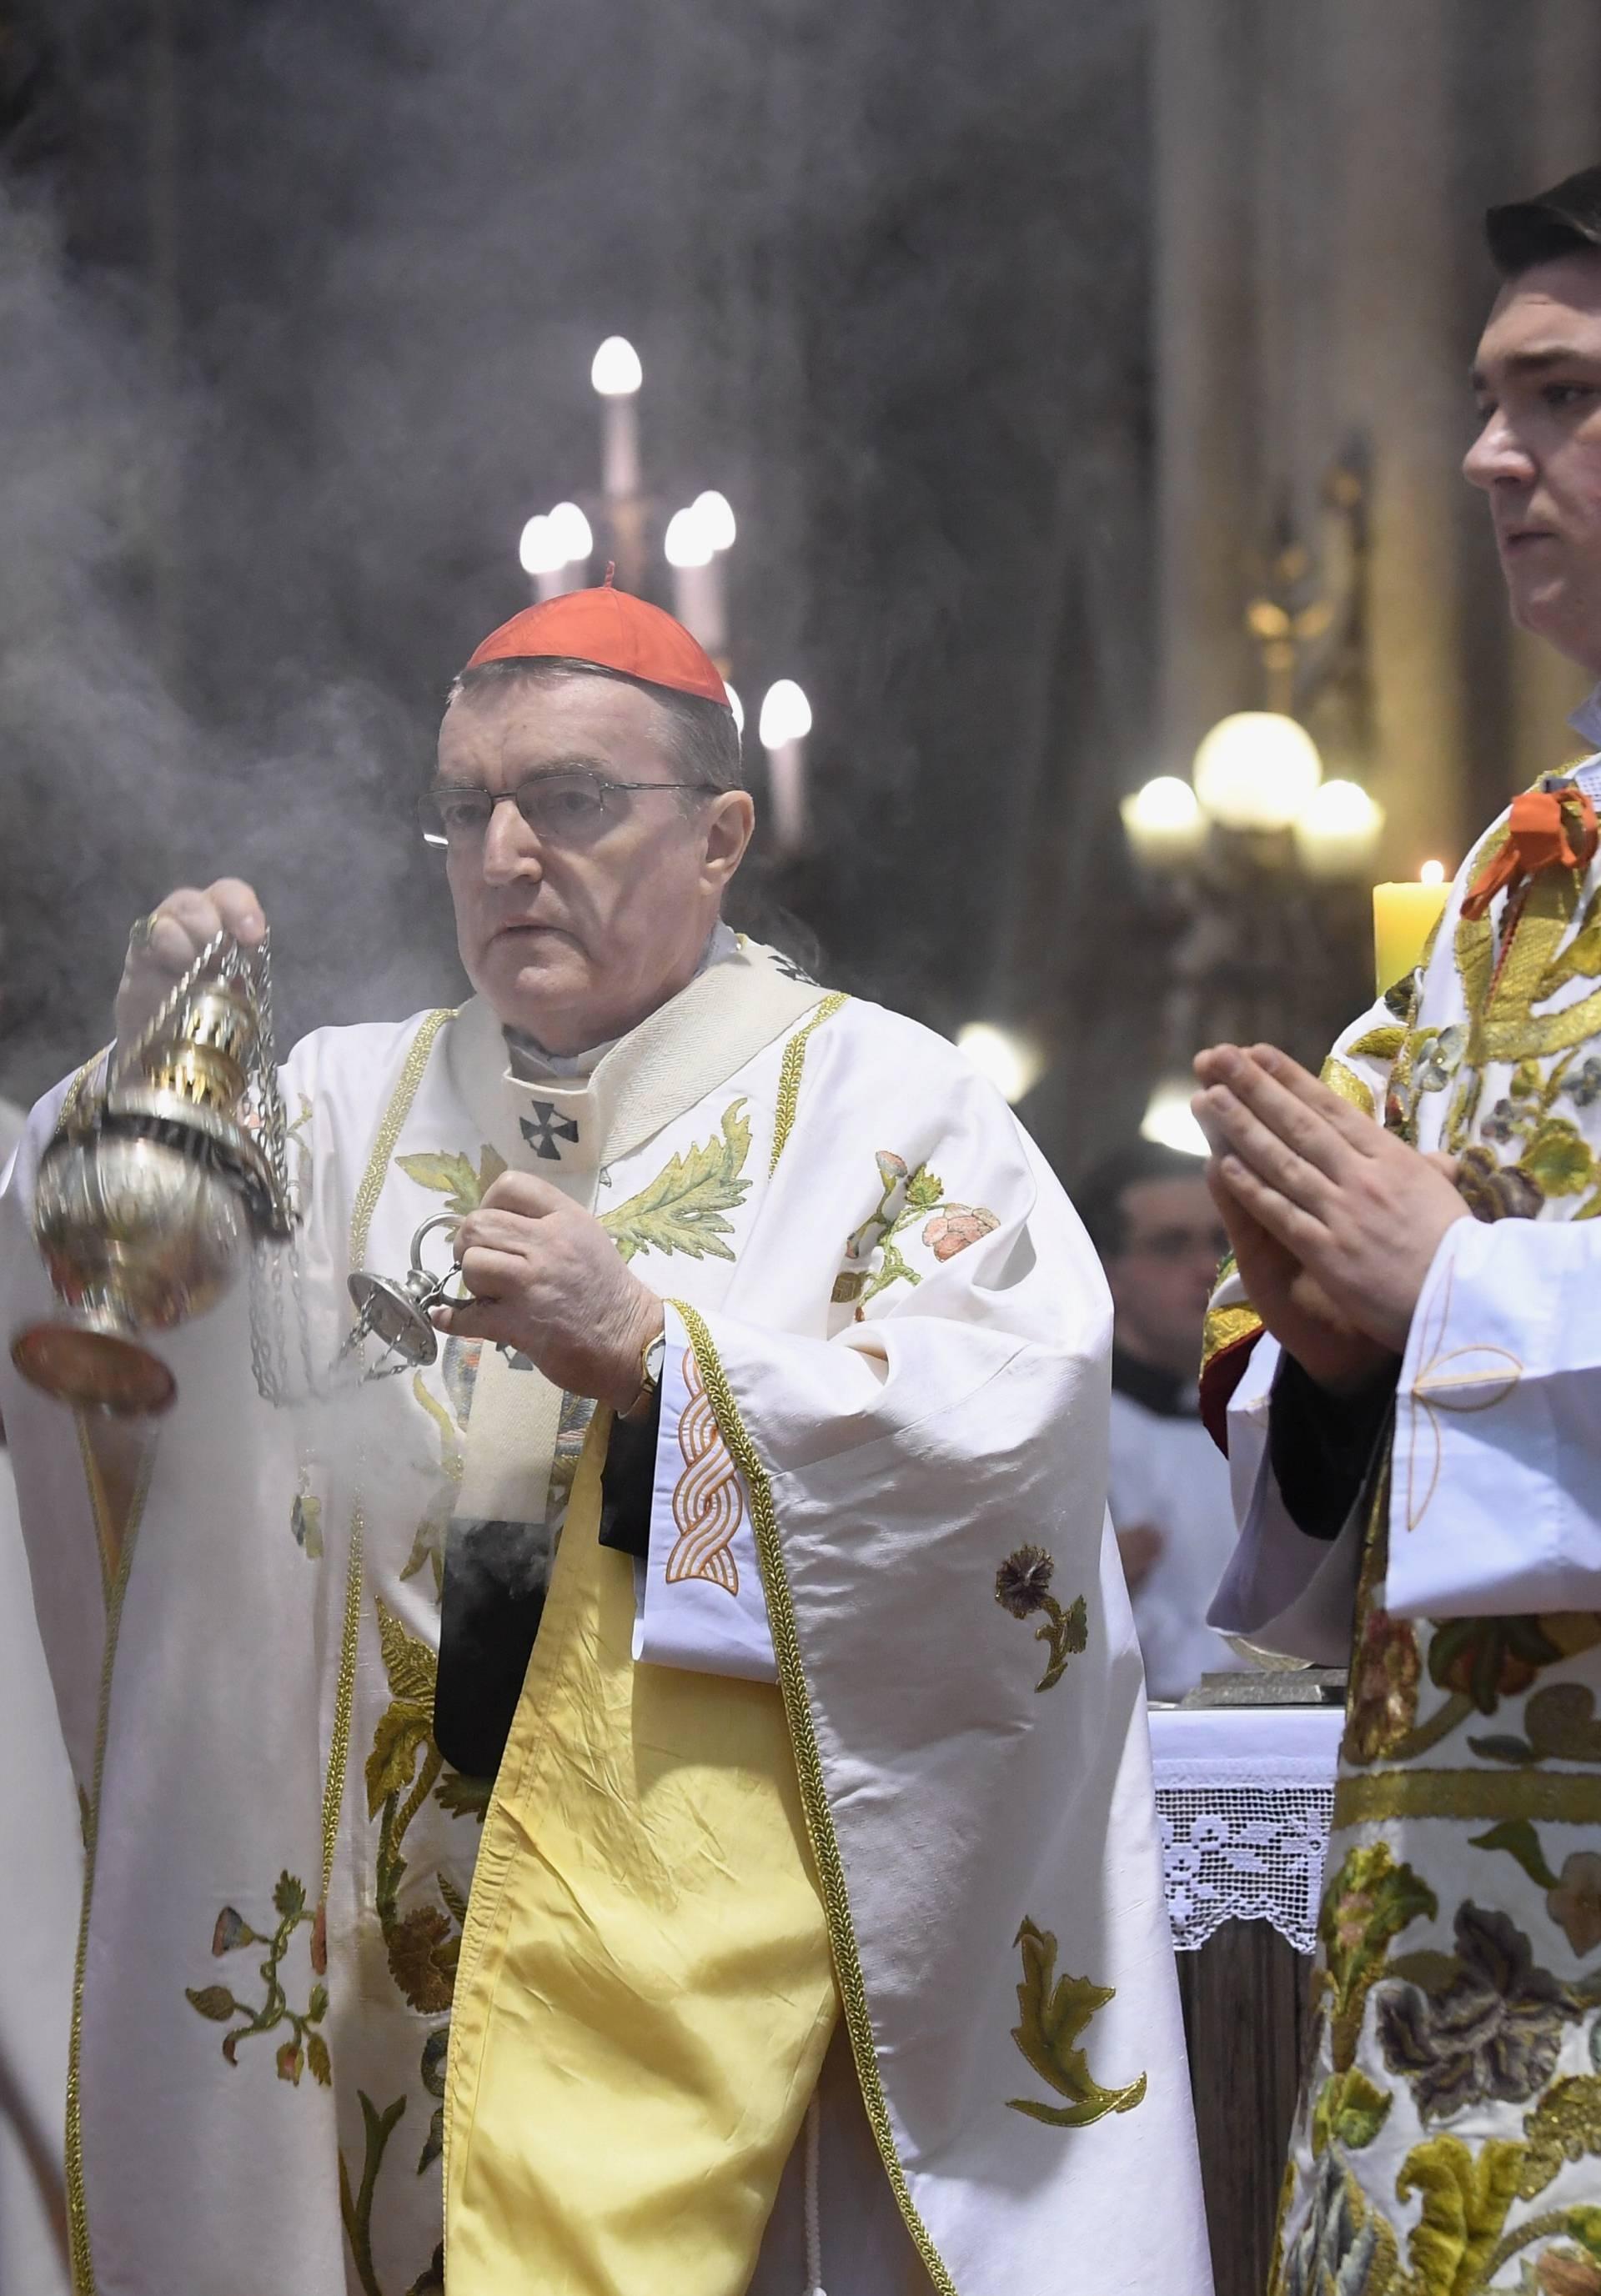 Sveta Stolica: Za Uskrs neće biti ni pranja nogu ni procesije